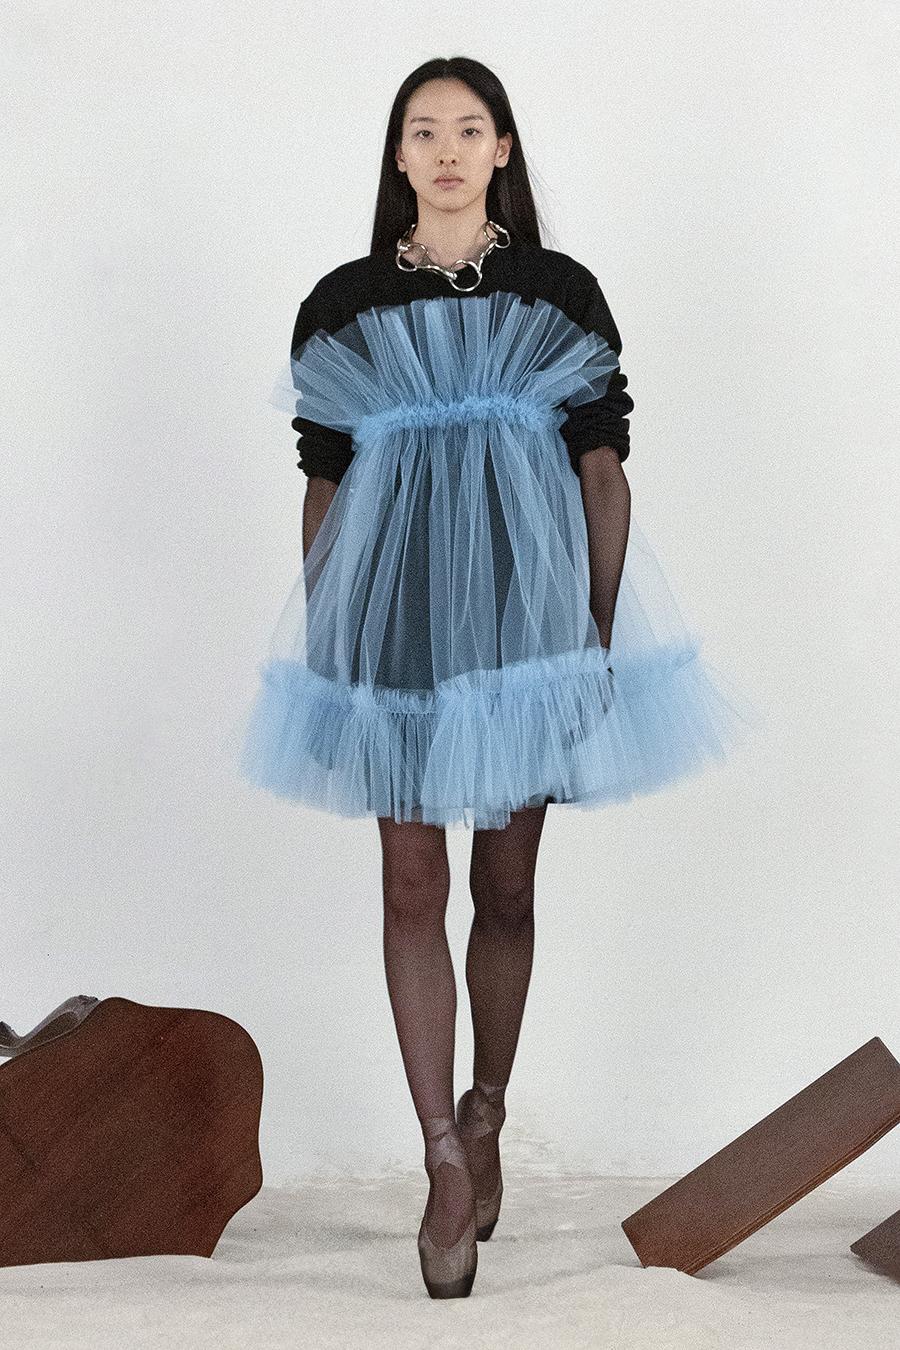 самые модные платья осень зима 2021 2022 прозрачное черное голубое пышное короткое мини